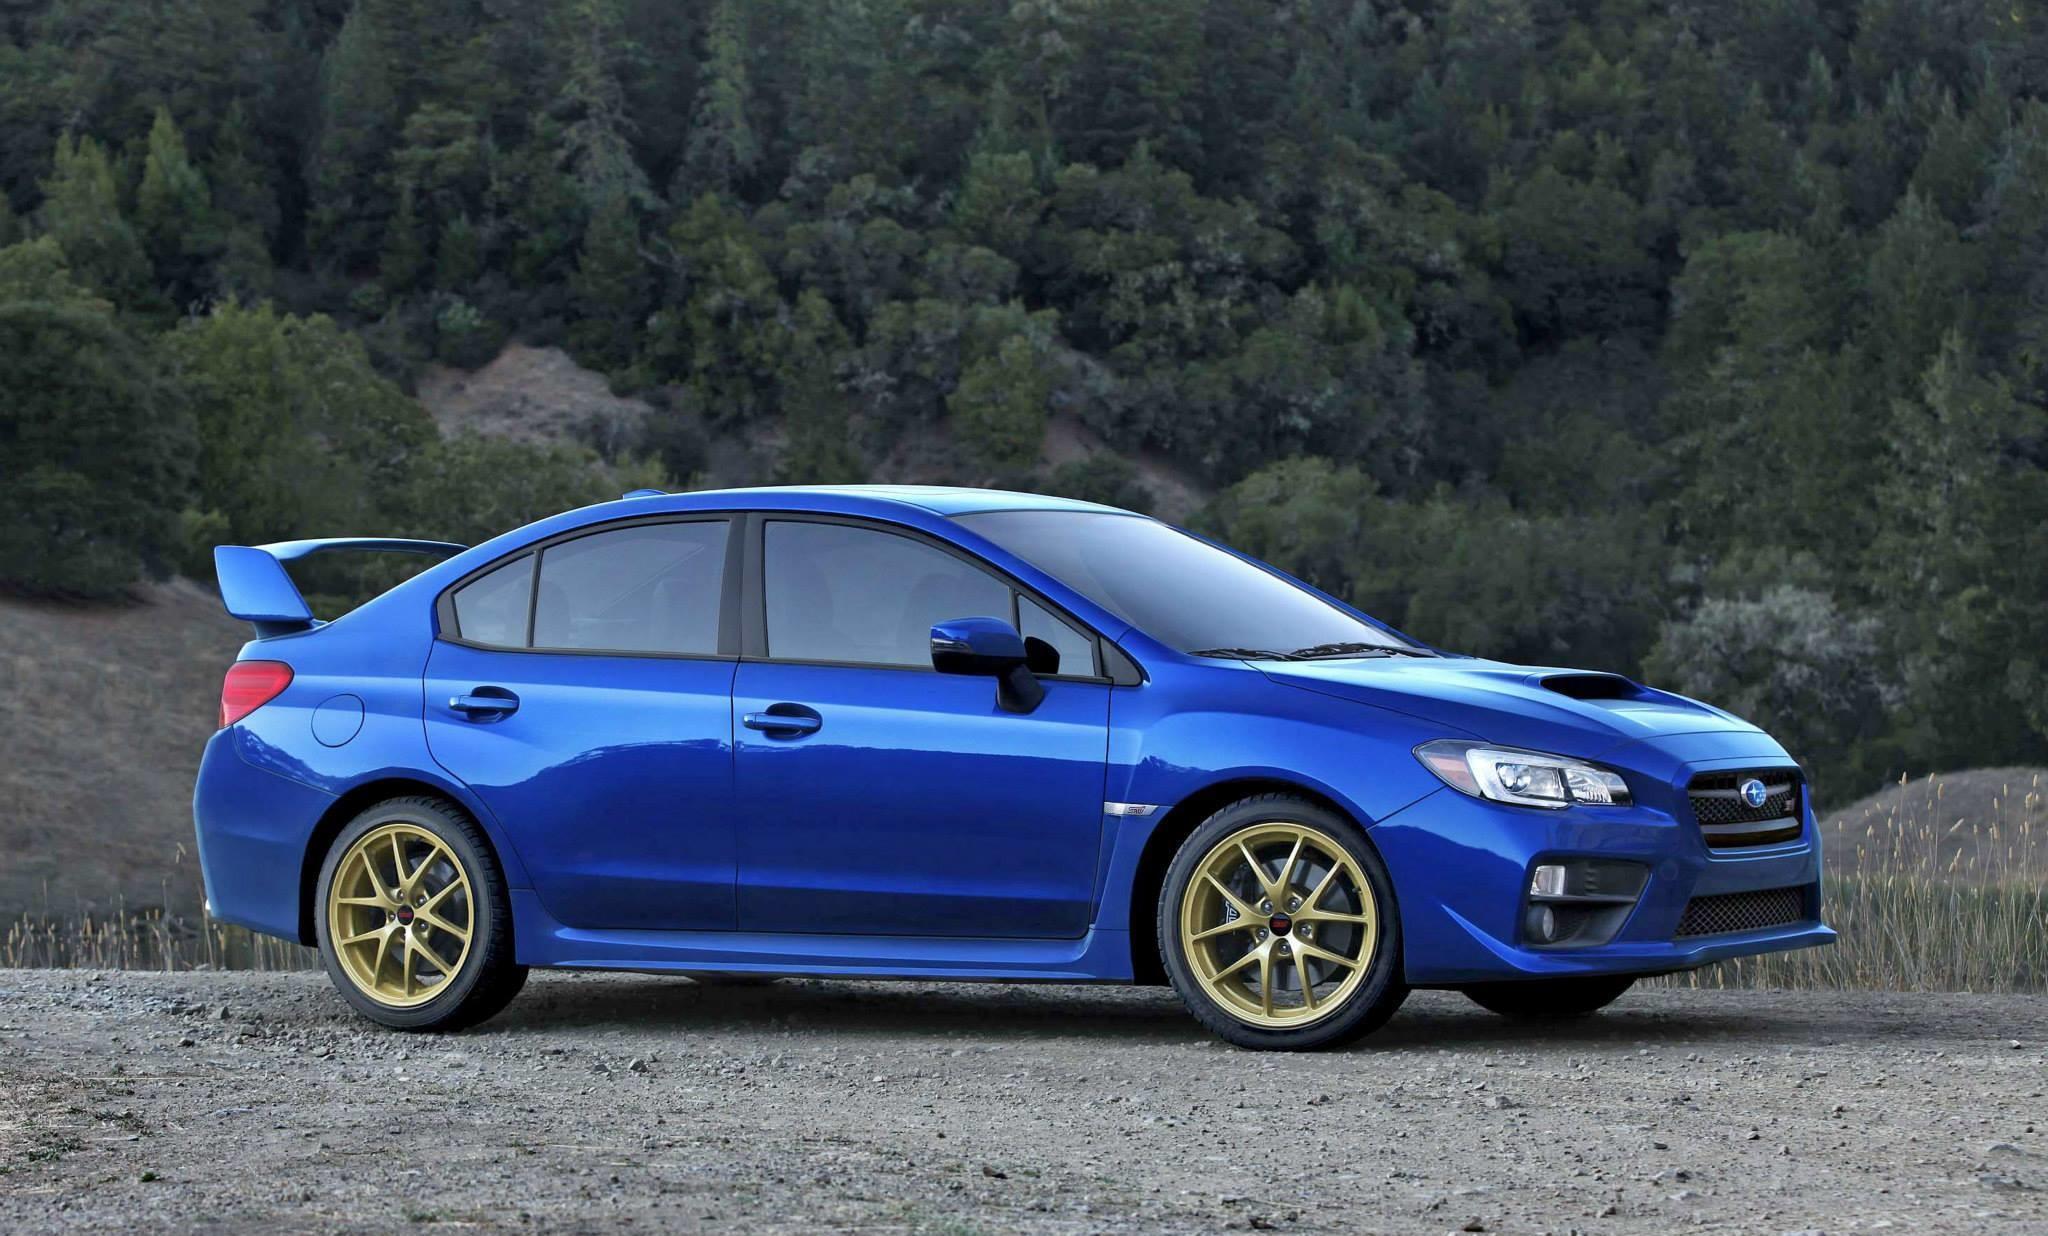 2015 Subaru Wrx Sti …